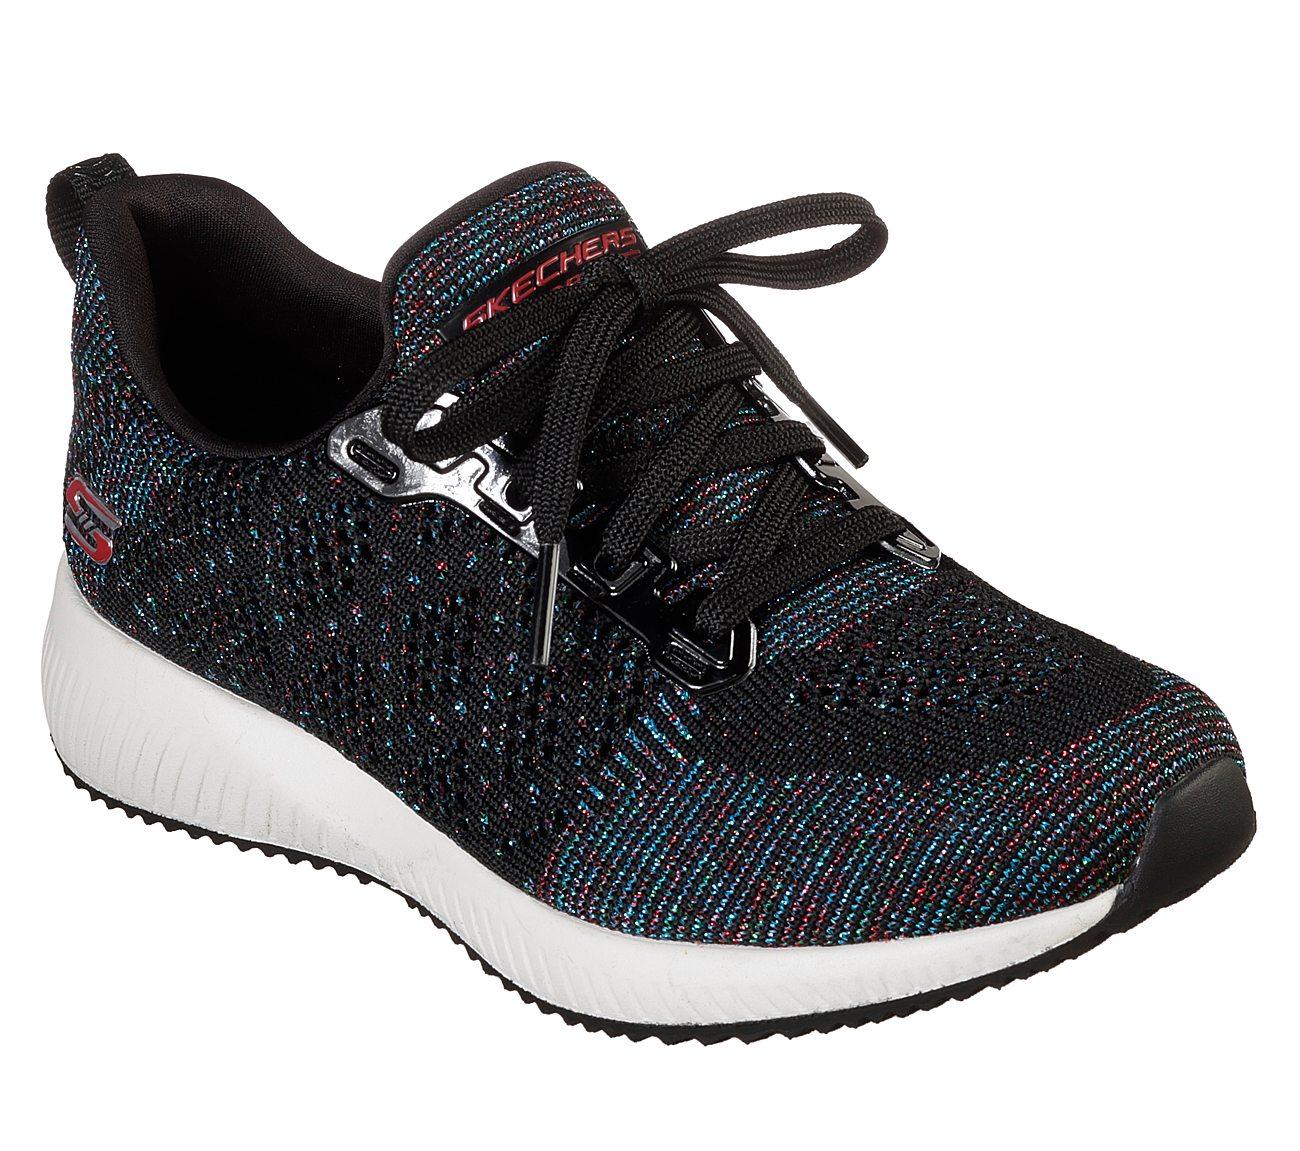 ea84f178d6d3 Buy SKECHERS BOBS Sport Squad - Pop Color Lace-Up Shoes Shoes only ...